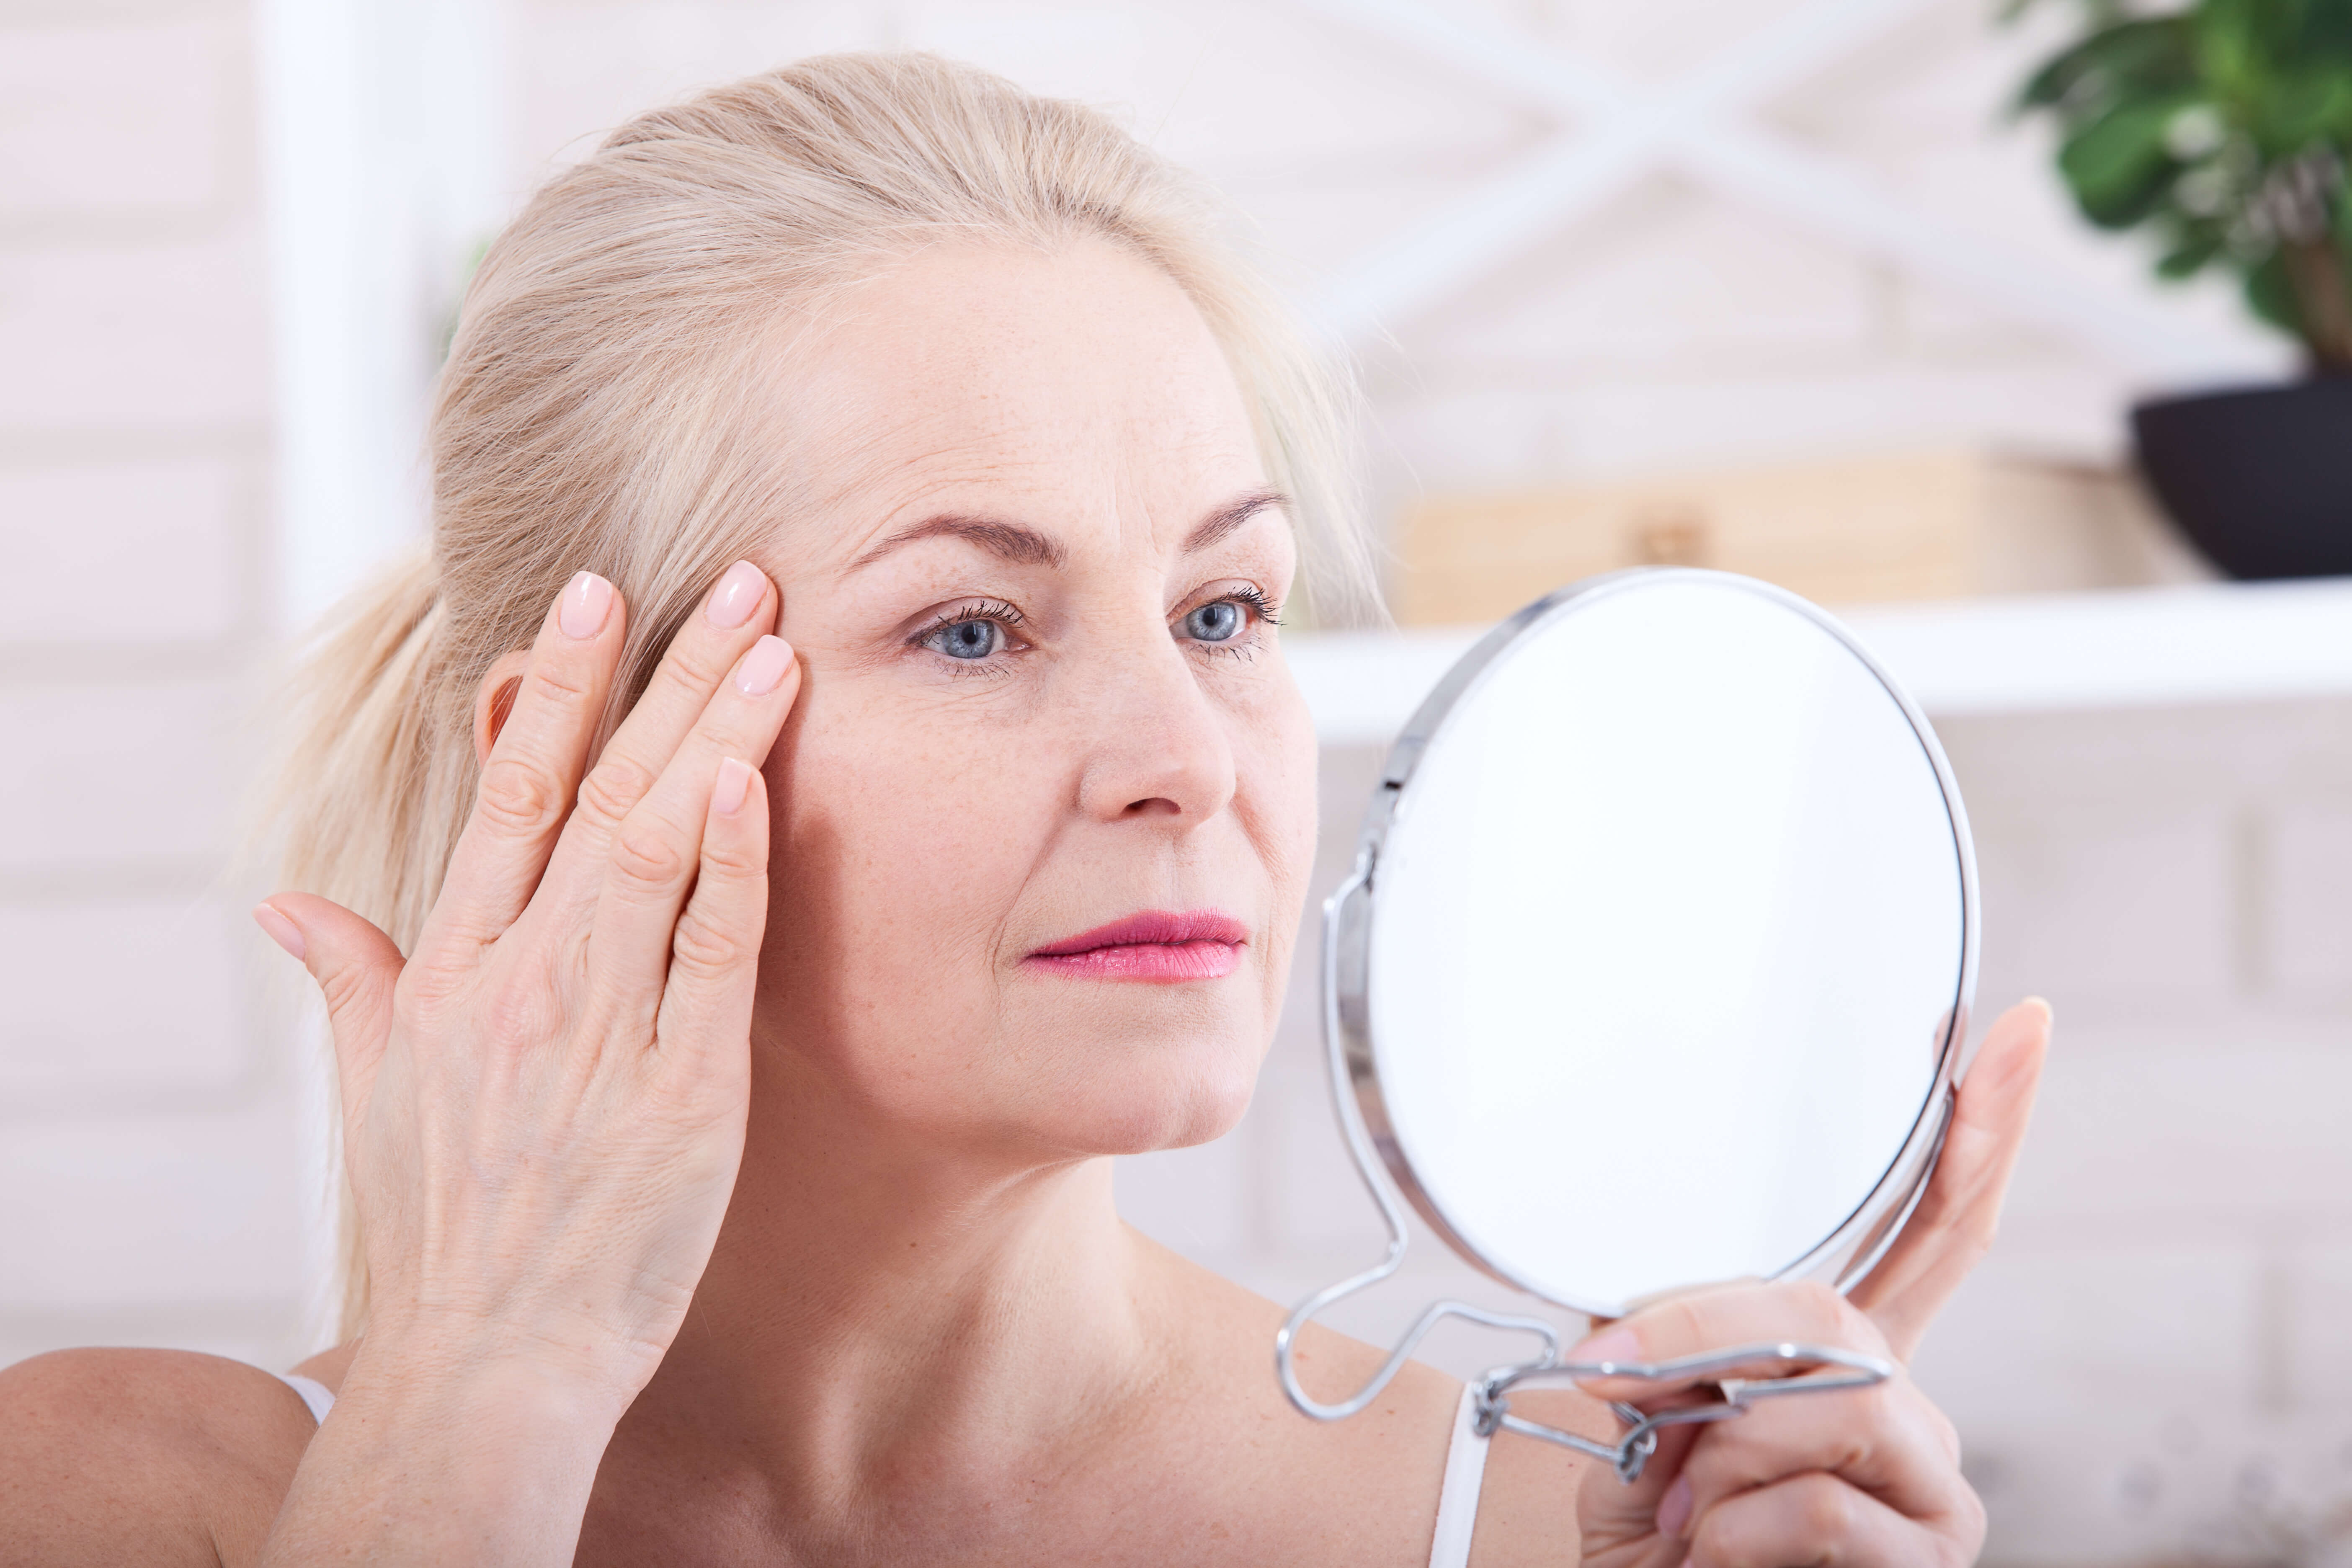 Домашние маски для лица вокруг глаз: топ лучших рецептов с лифтинг-эффектом, освежающих взгляд